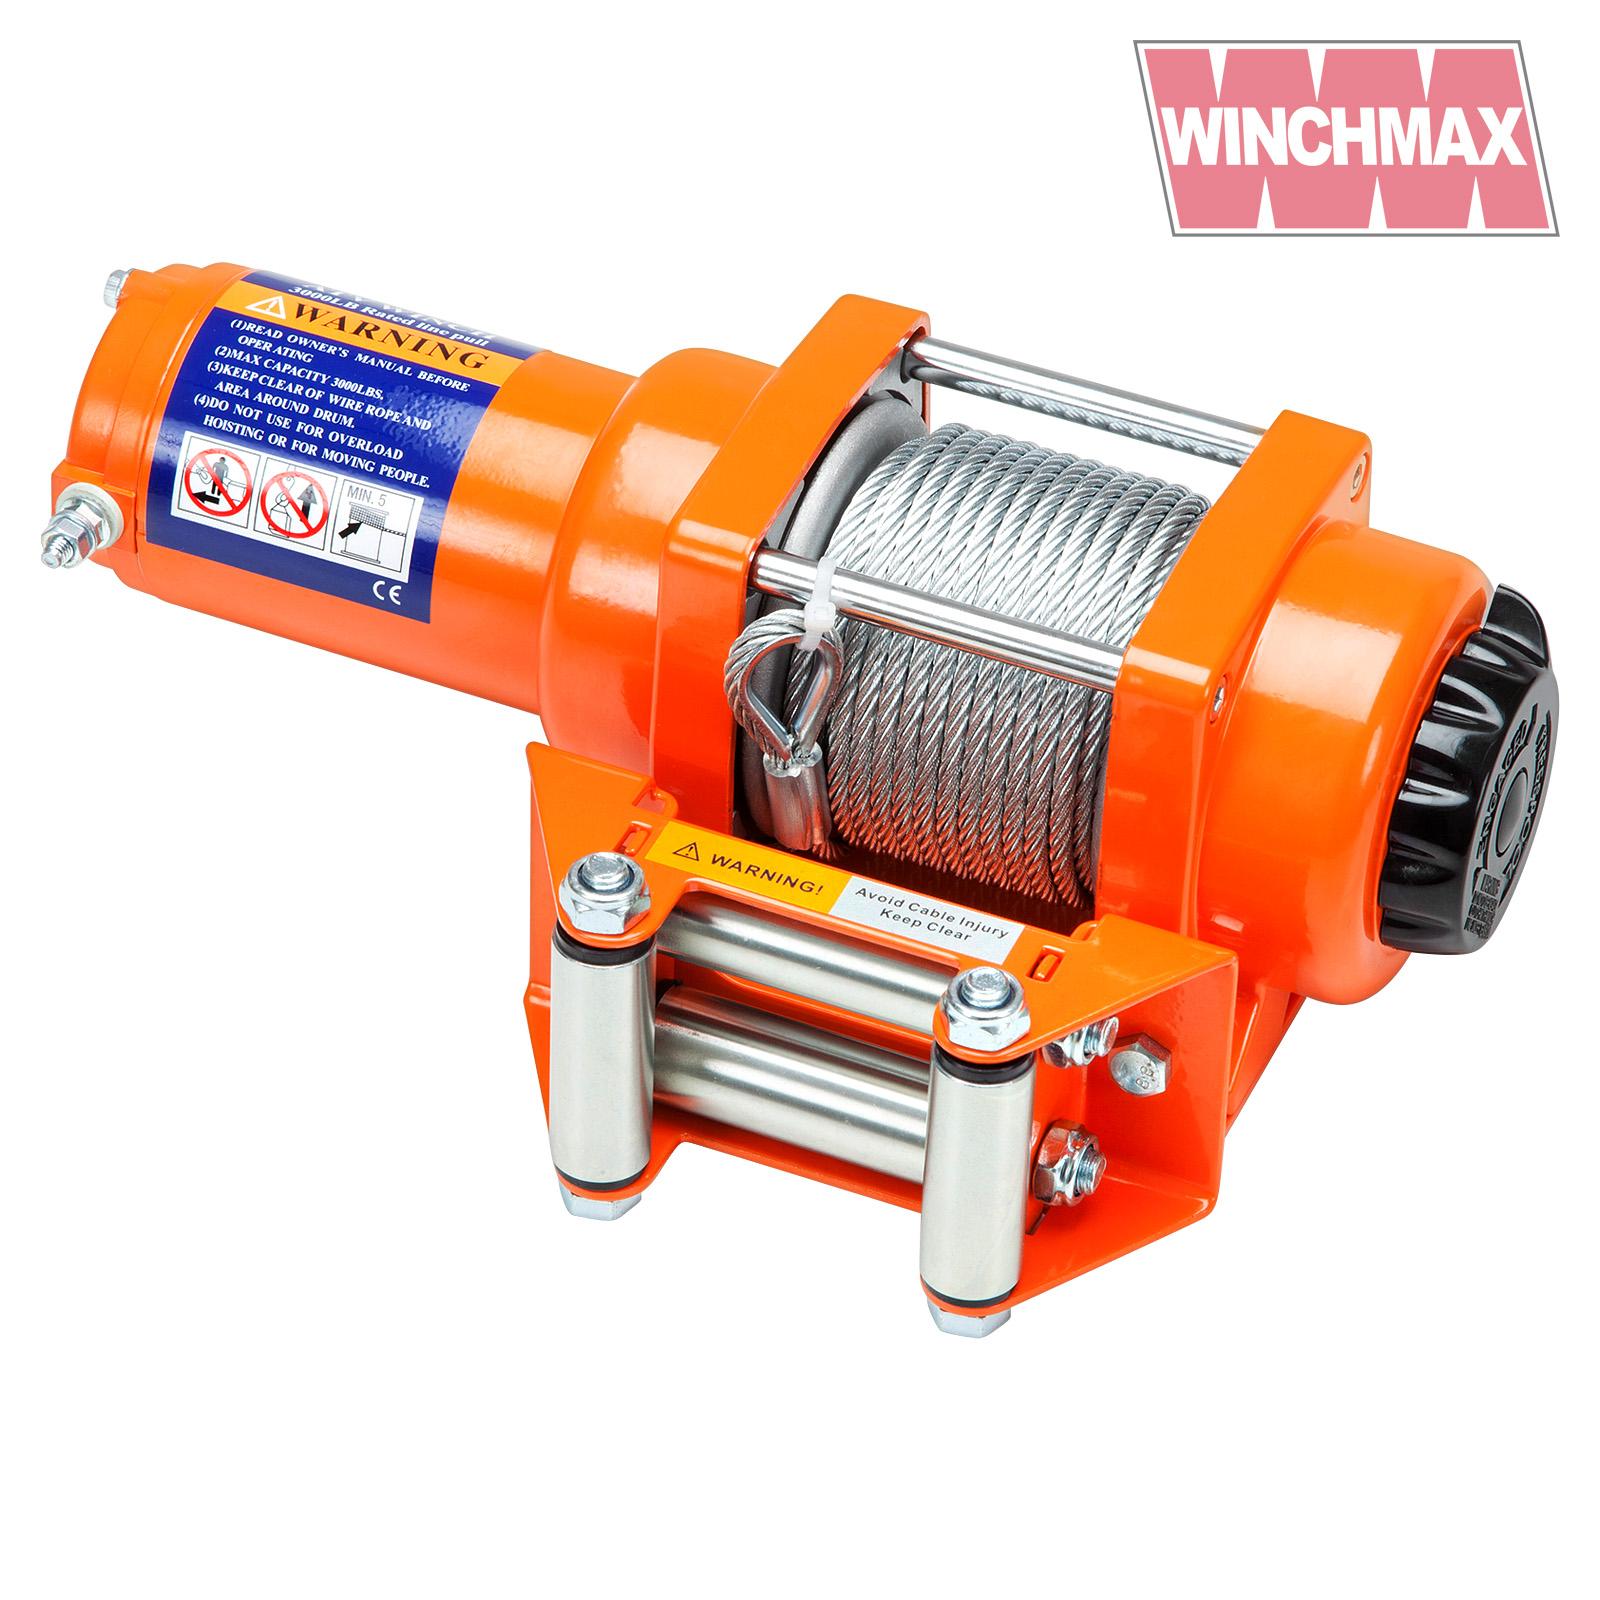 Wm300012vr winchmax 280